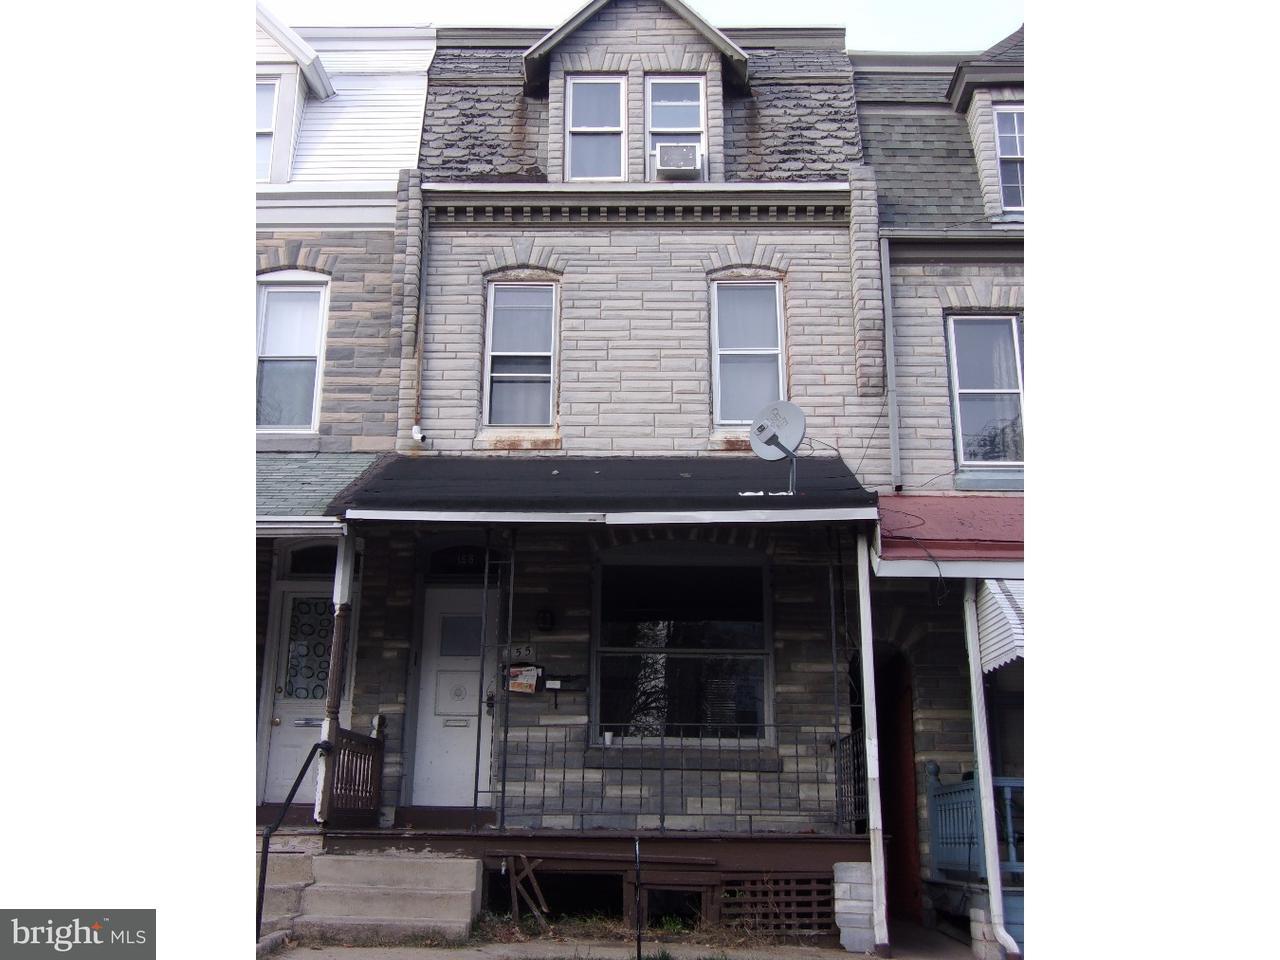 дуплекс для того Продажа на 155 W OLEY Street Reading, Пенсильвания 19601 Соединенные Штаты